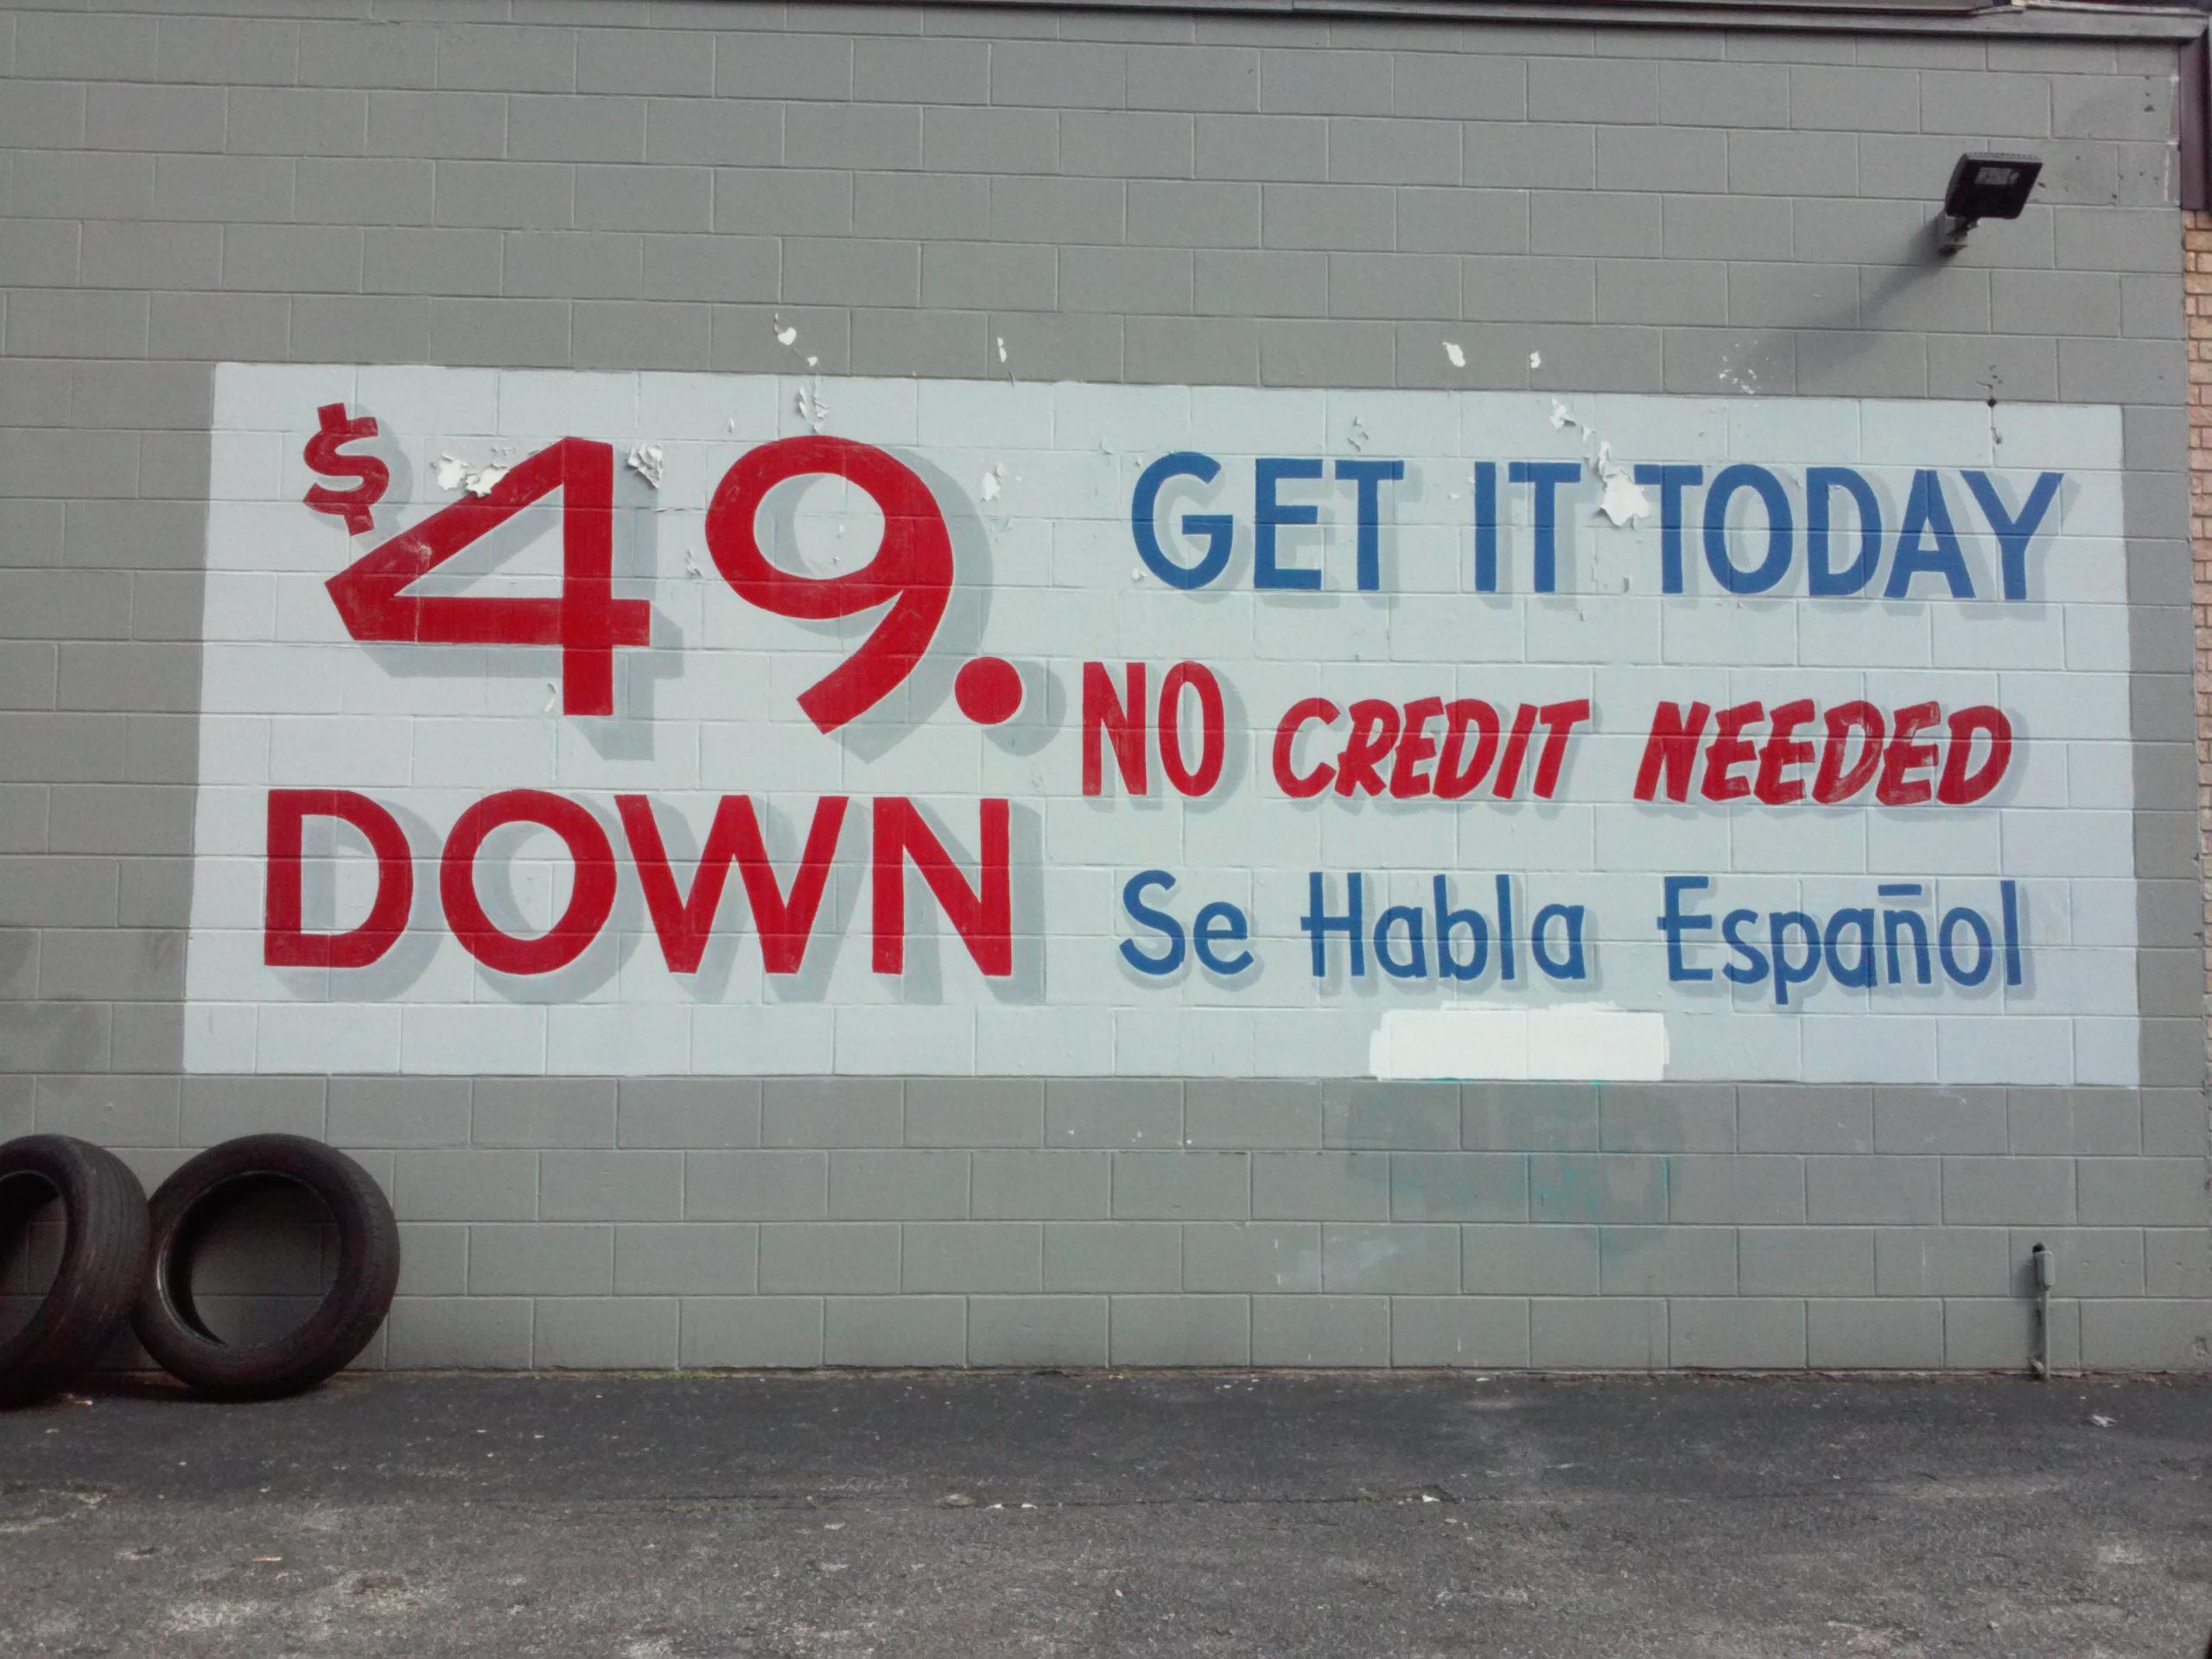 $49. Down